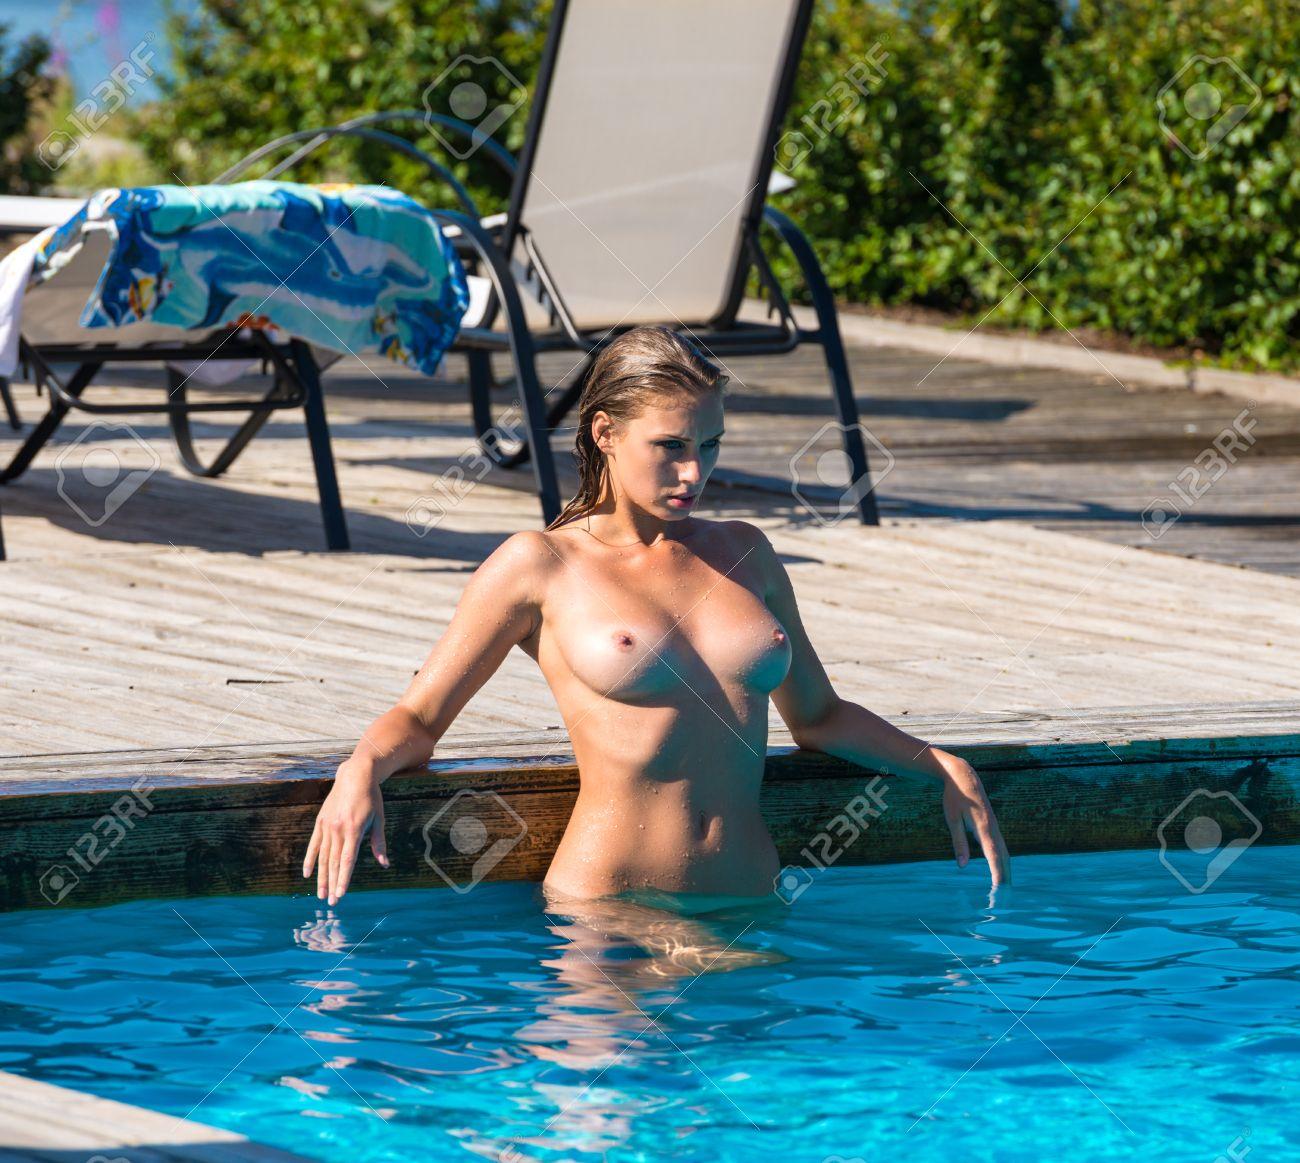 Femme Nue Piscine belle jeune femme nue été amuser dans la piscine banque d'images et